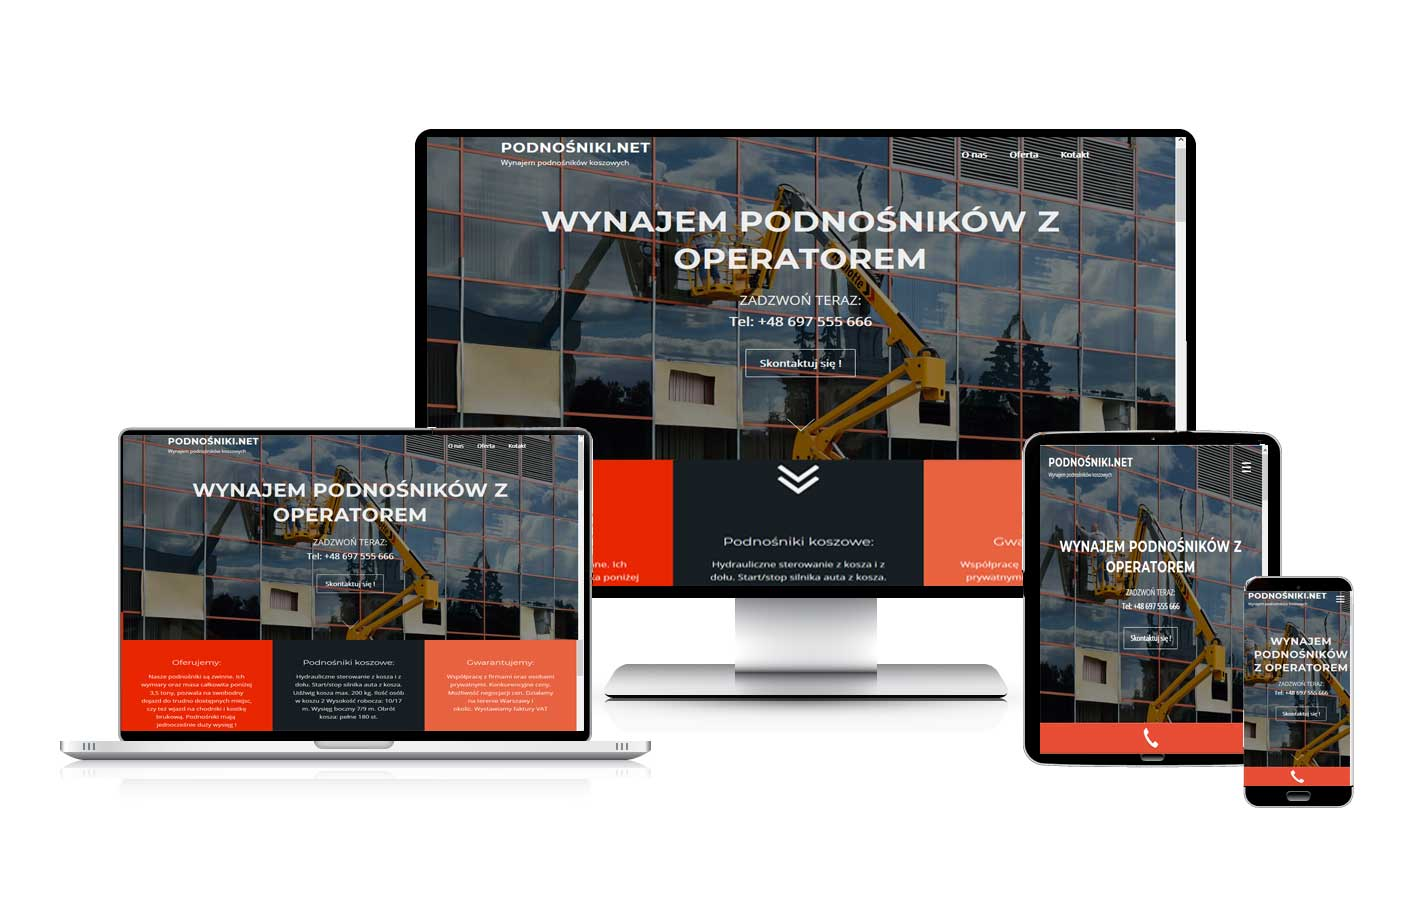 Tworzenie sklepów internetowych. Podnośniki.net. Strona wizytówka firmowa